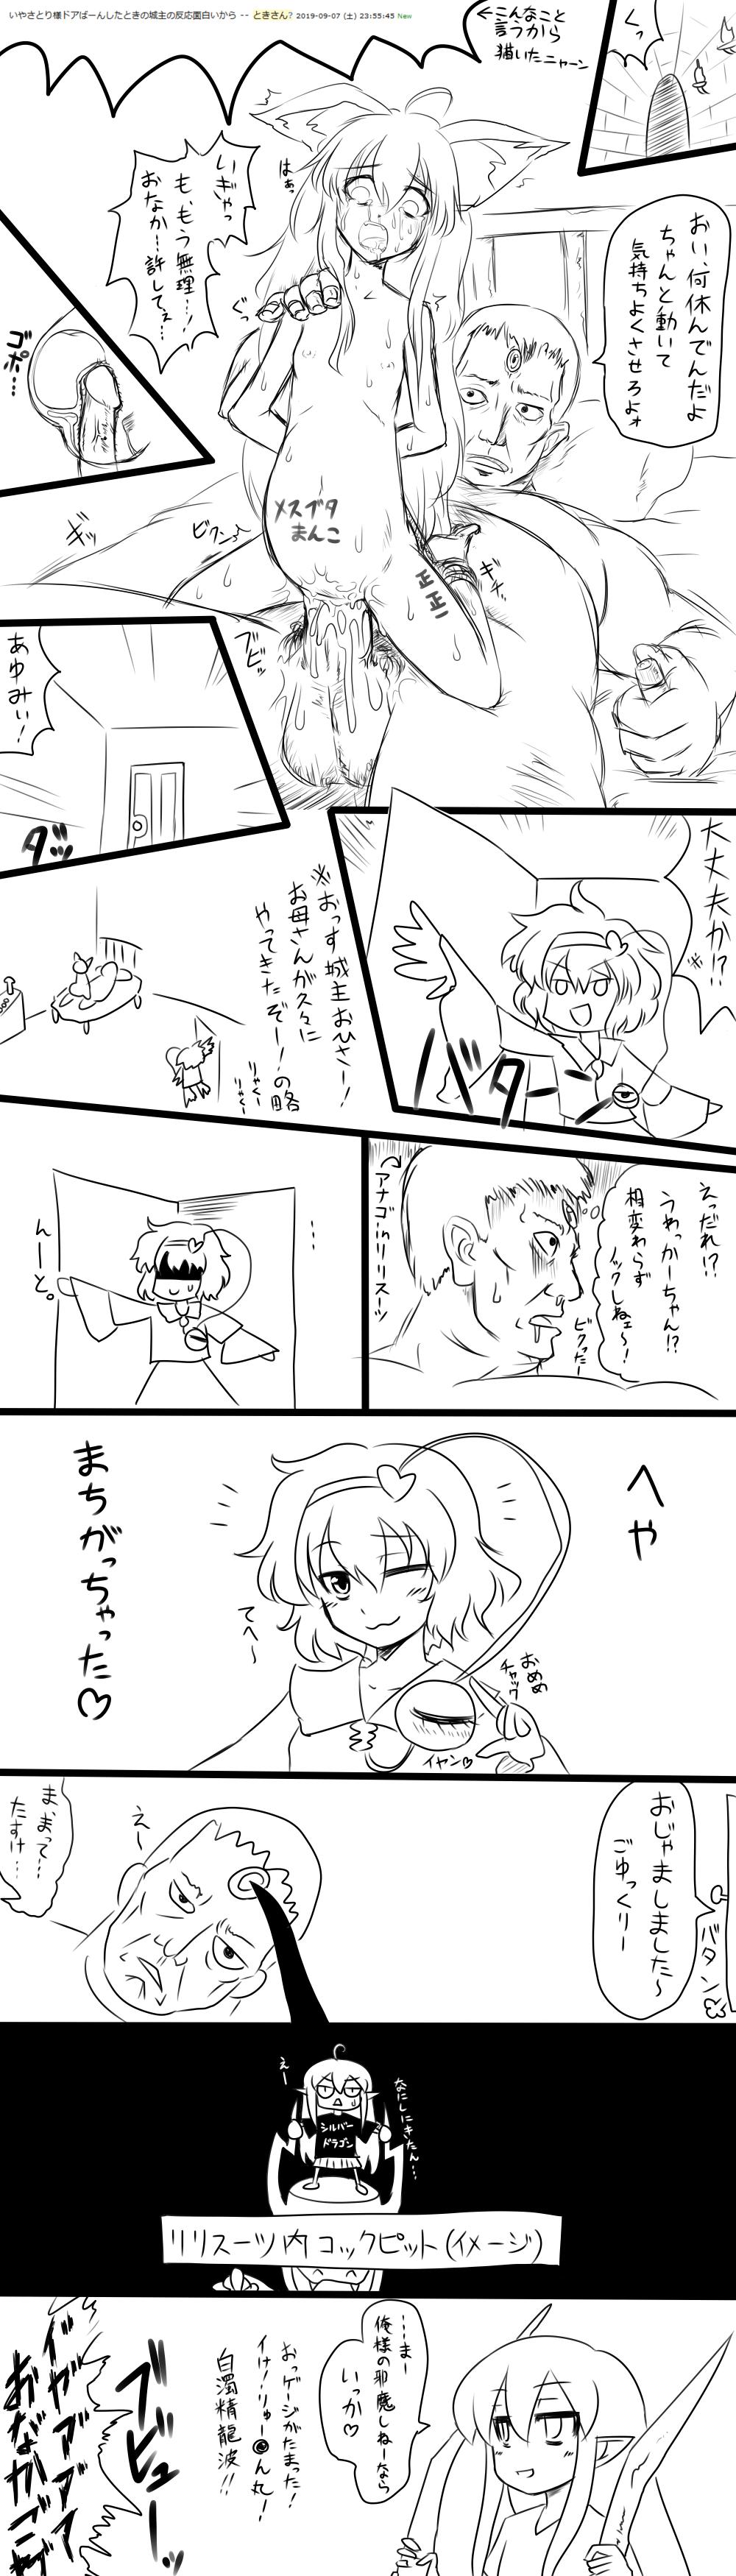 りゅーーーーじんまるーーーーーーーーーーッ!!!!!!